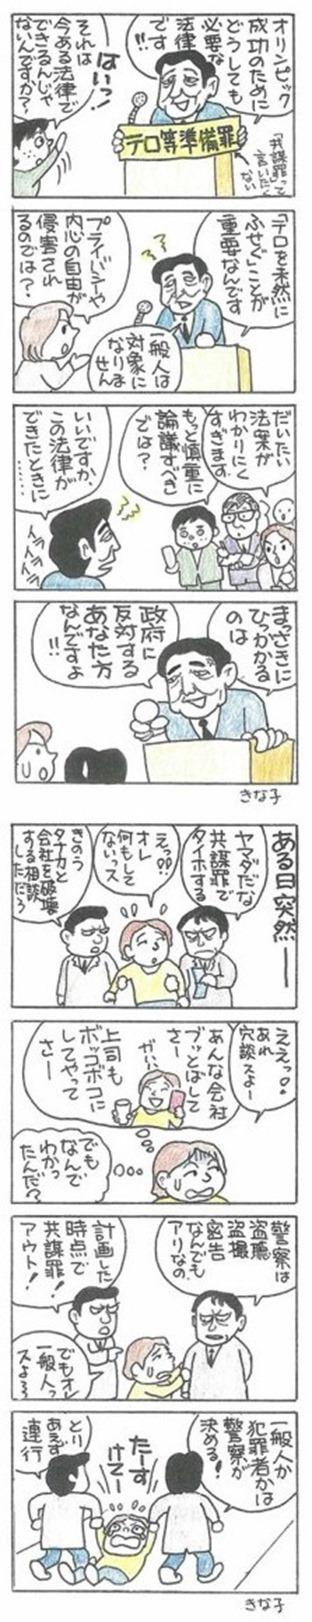 共謀罪マンガ4